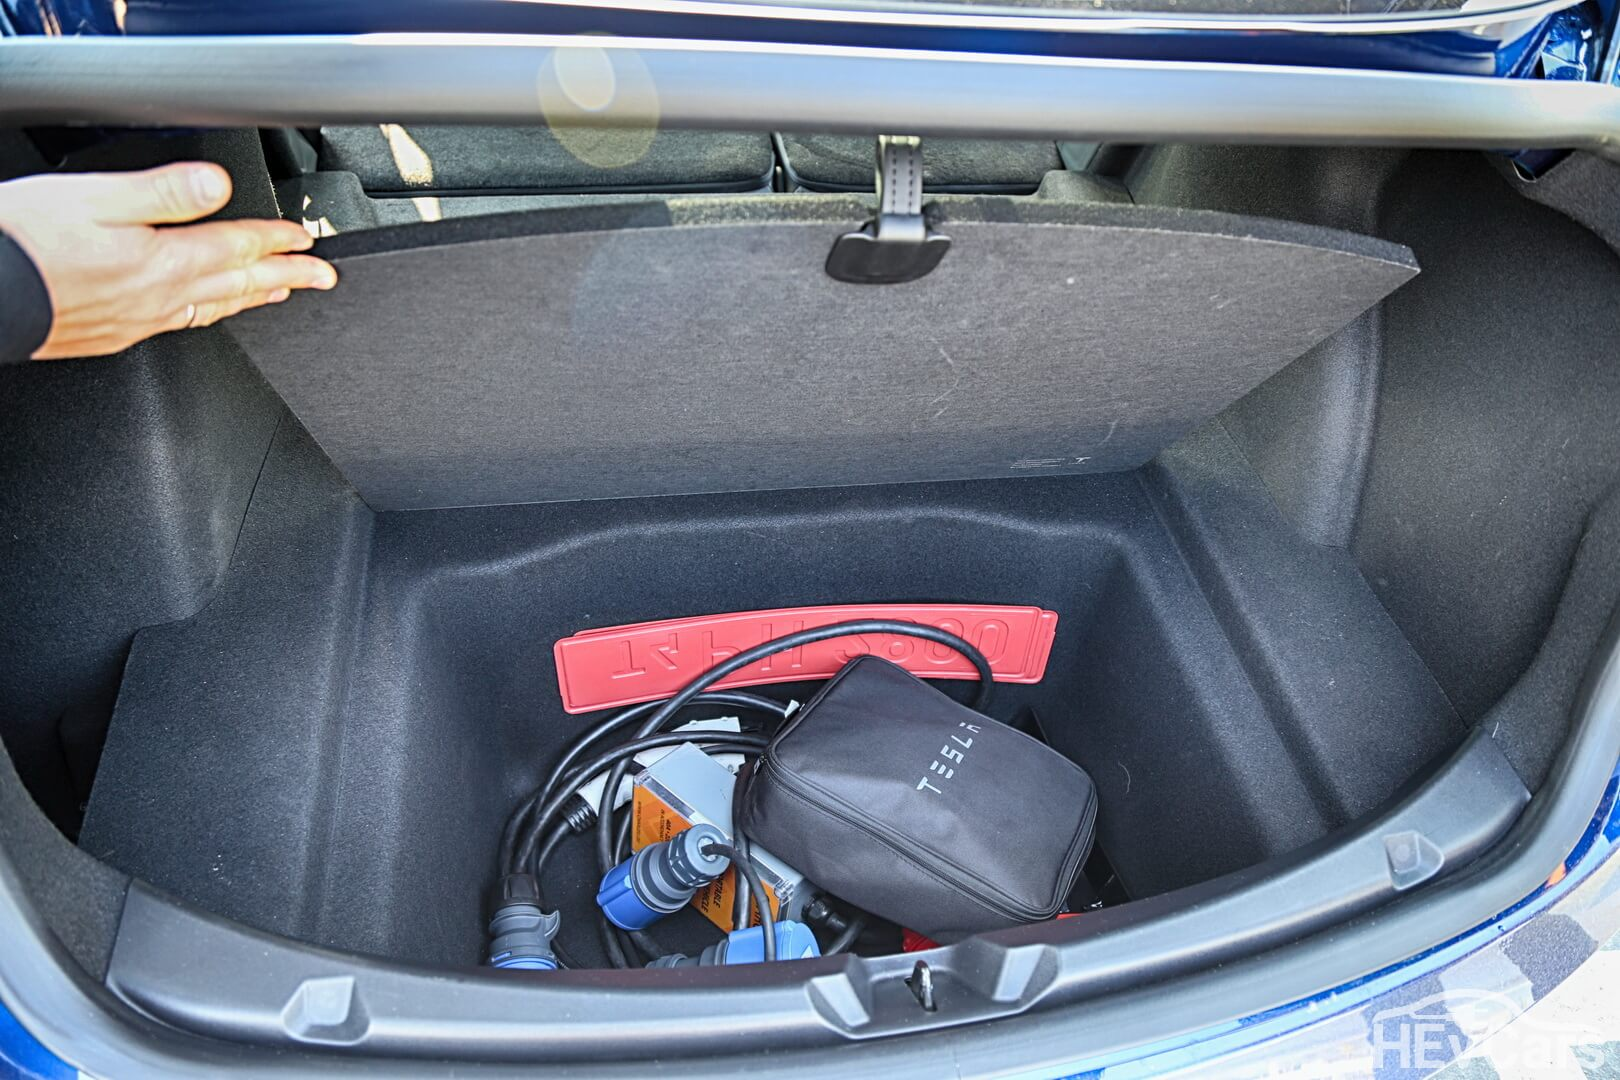 Внутреннее отделение под багажником Tesla Model 3 для зарядных кабелей